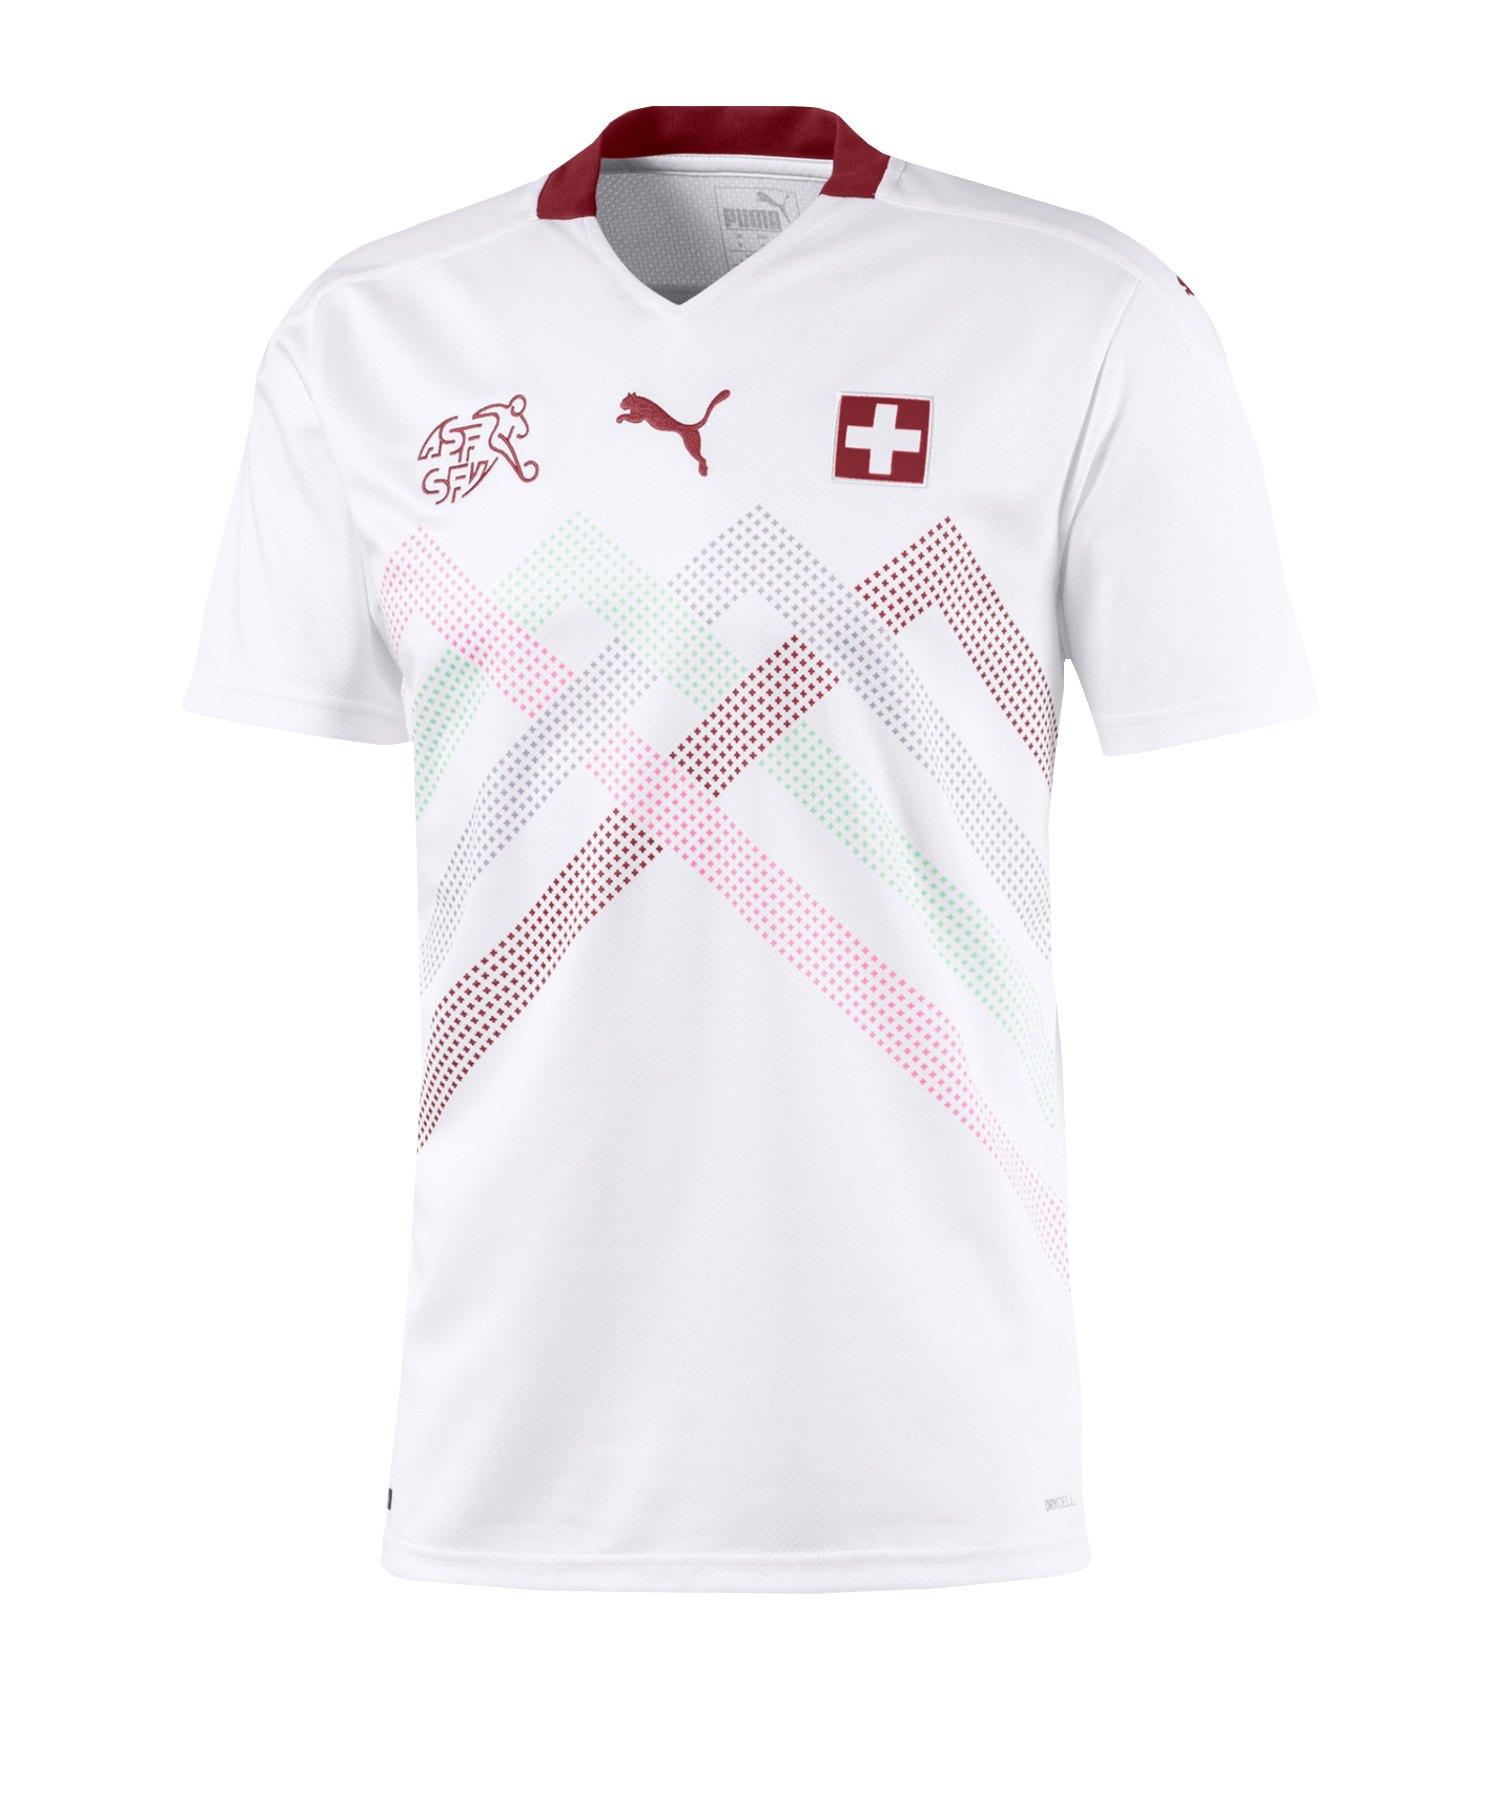 PUMA Schweiz Trikot Away EM 2021 Weiss Rot F02 - weiss